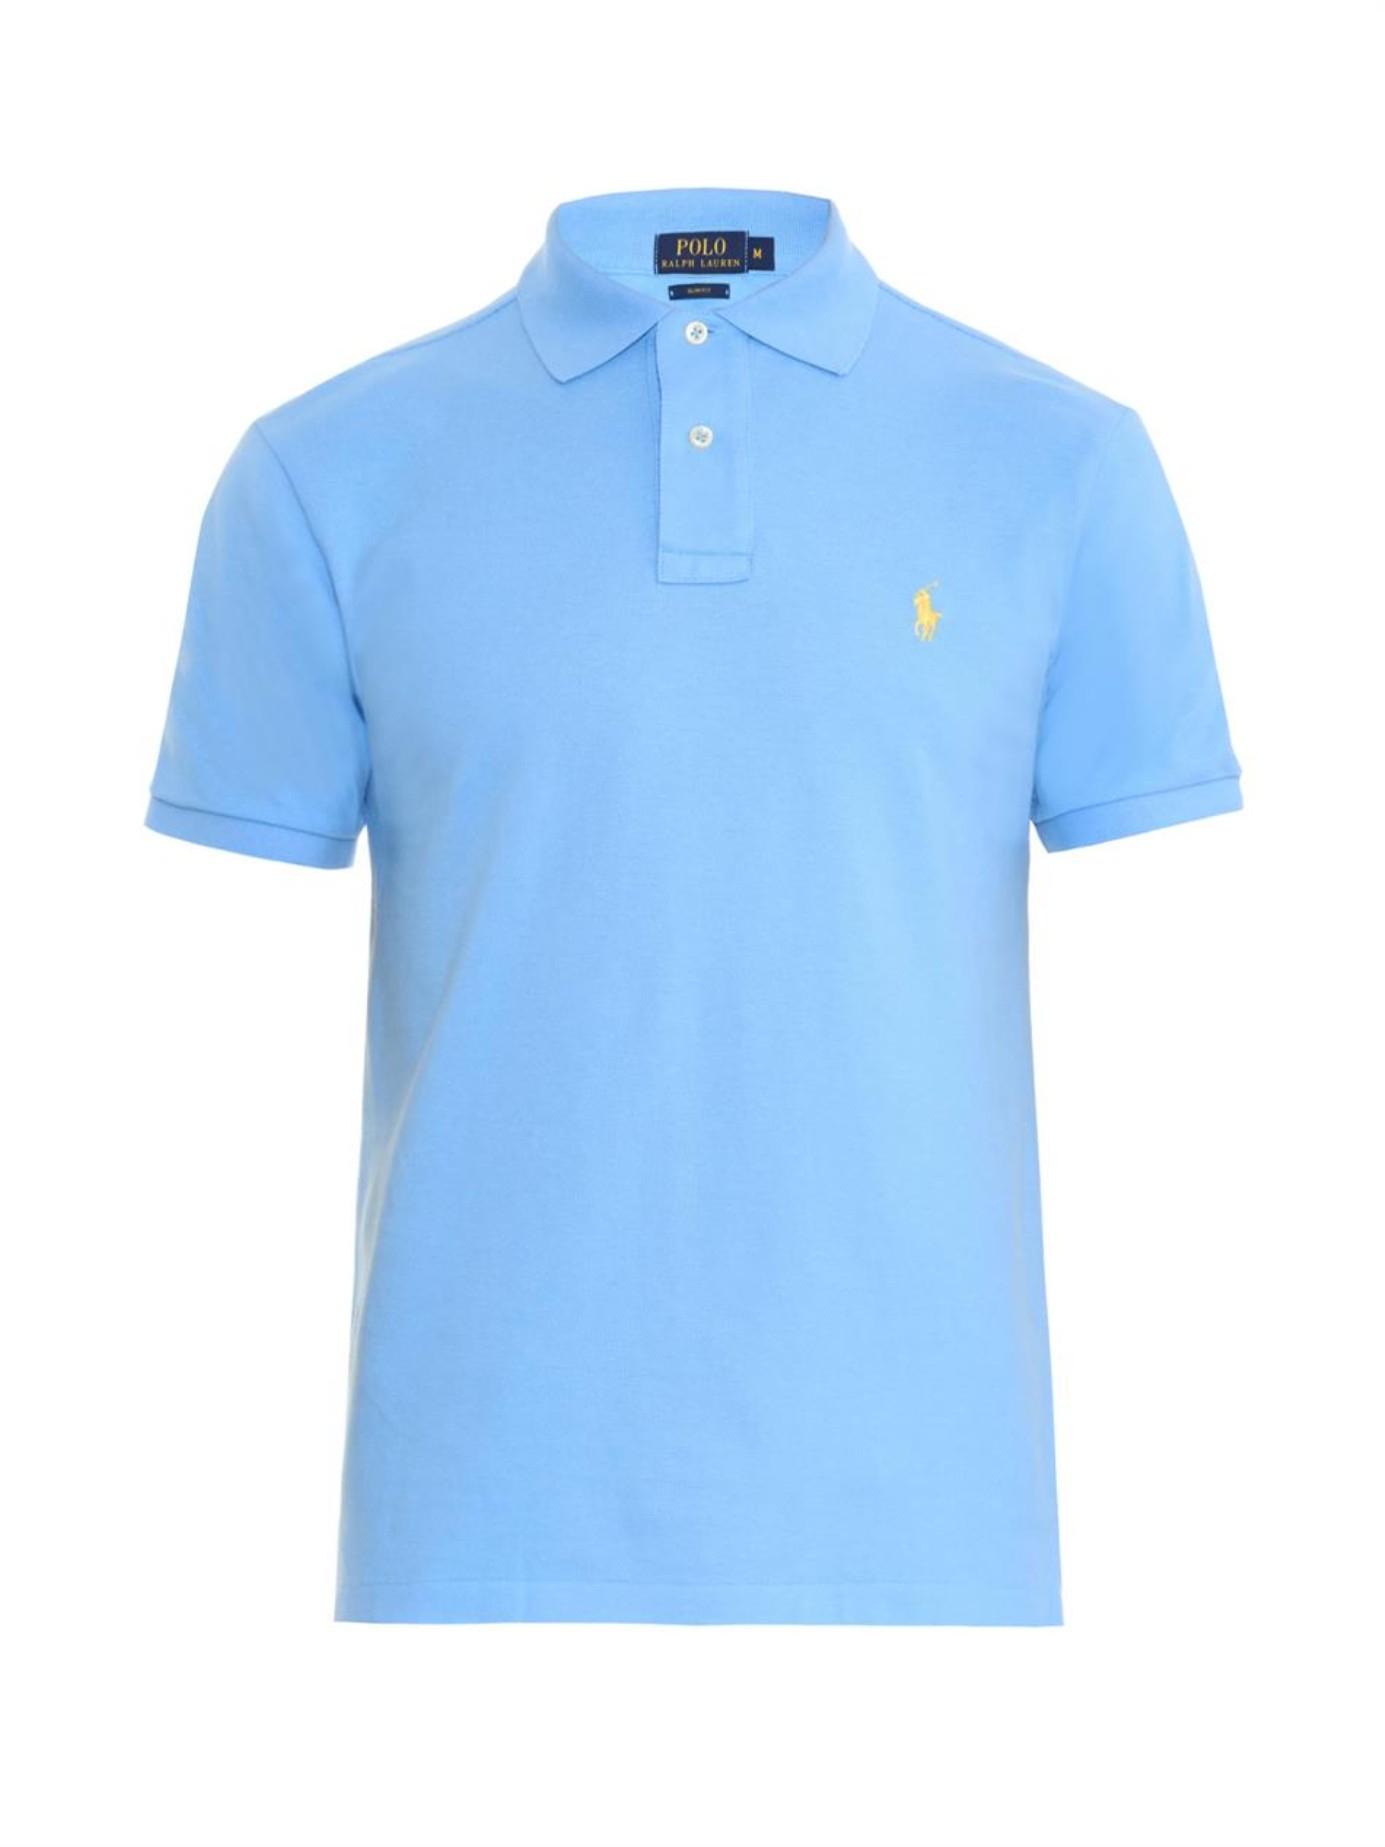 Lyst - Polo Ralph Lauren Cobalt Blue Polo Shirt in Blue